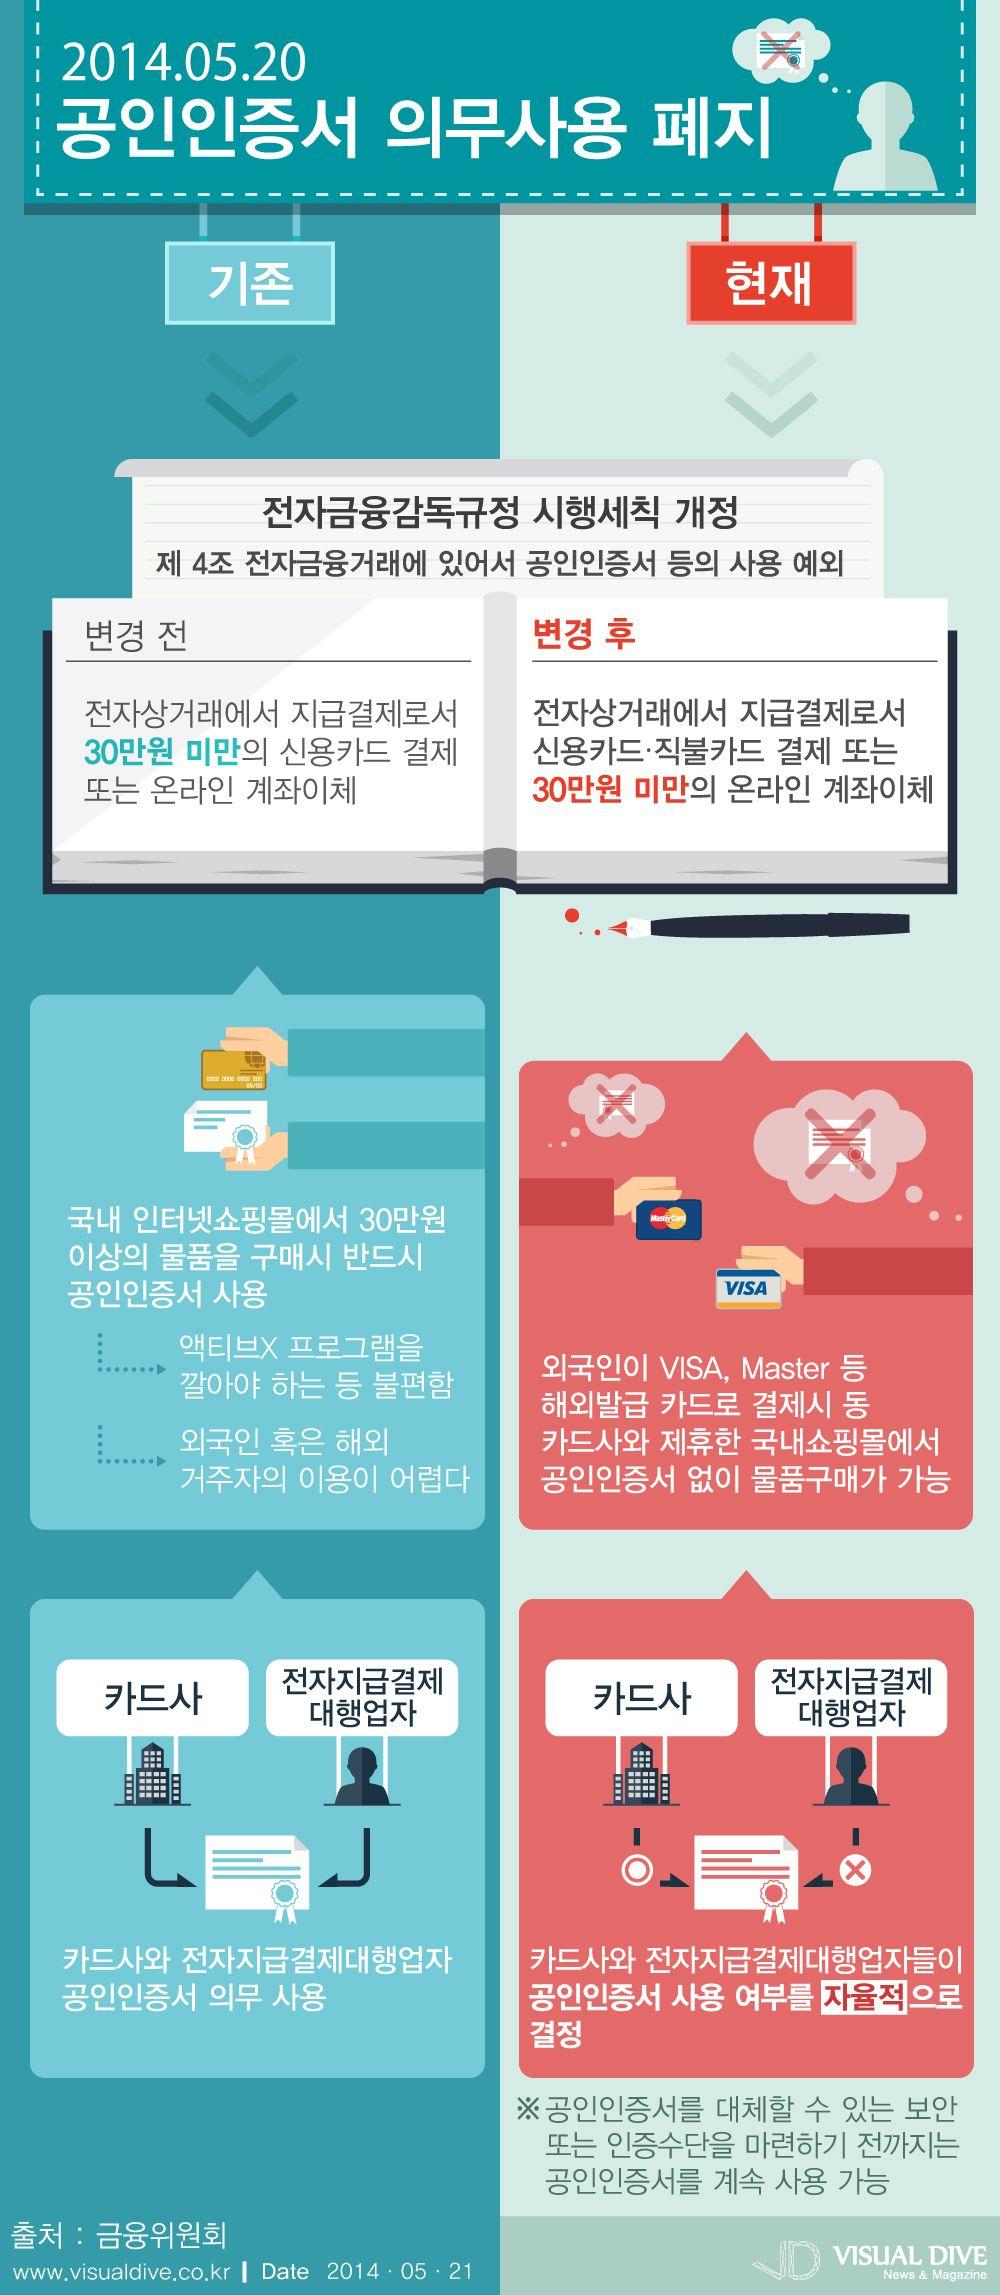 30만원 이상 온라인 카드결제시 공인인증서 의무사용 폐지  [인포그래픽] #tag / #Infographic ⓒ 비주얼다이브 무단 복사·전재·재배포 금지